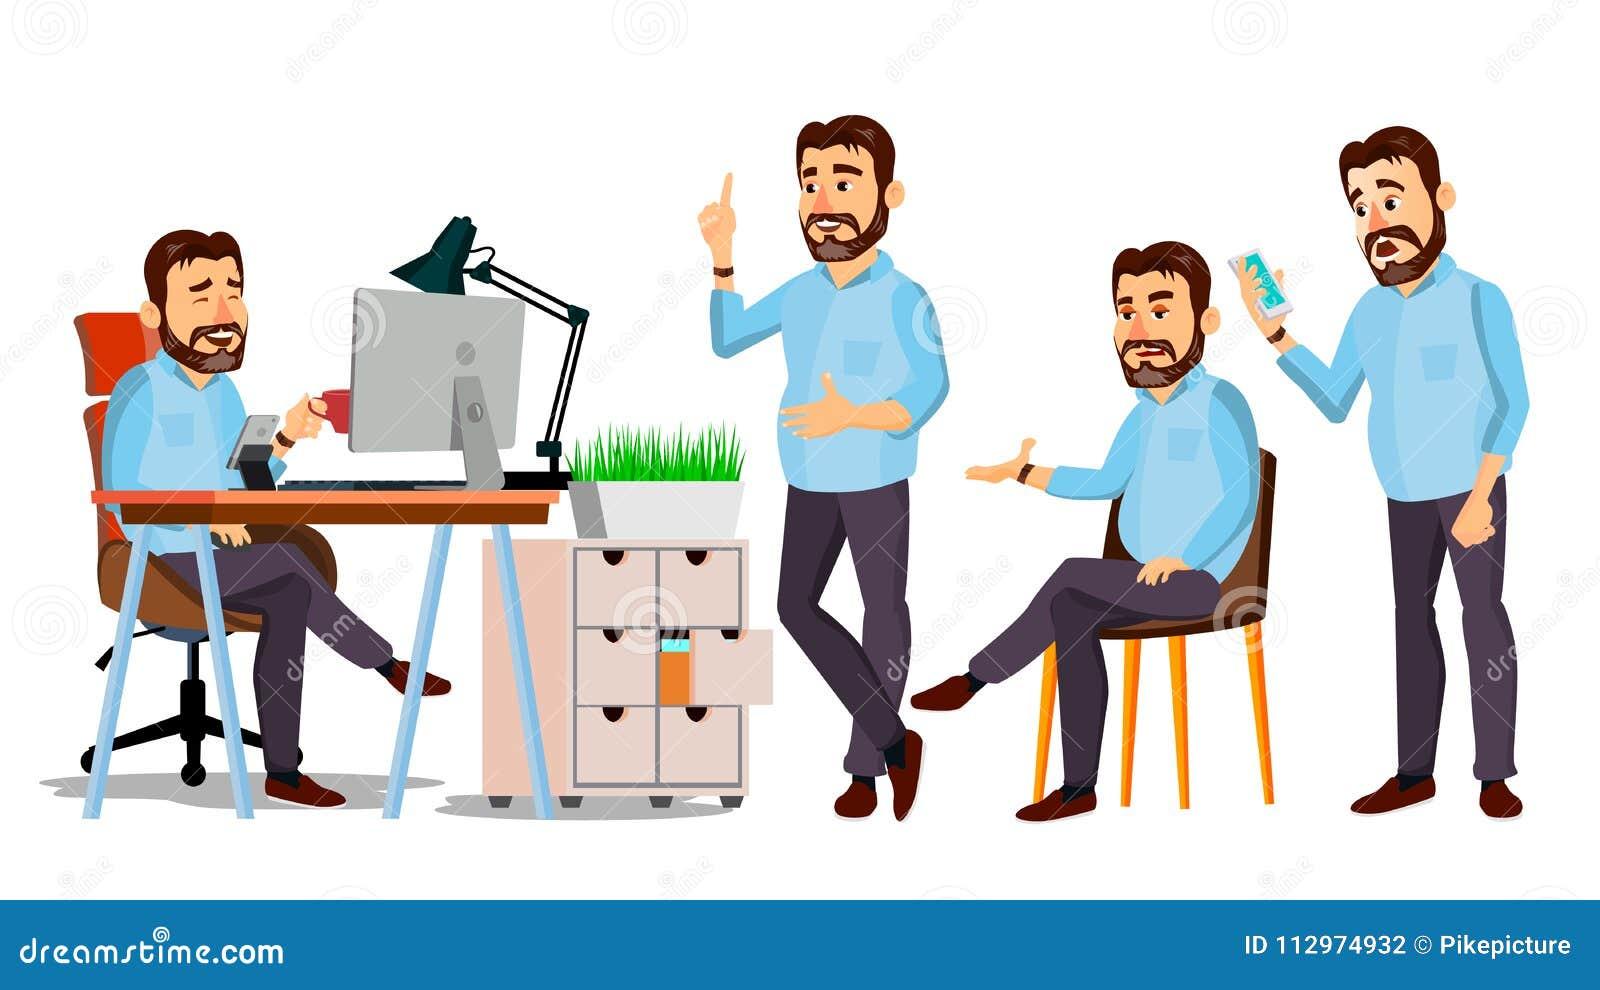 上司字符传染媒介 IT Startup Business Company 设计的身体模板 各种各样的姿势,情况 动画片